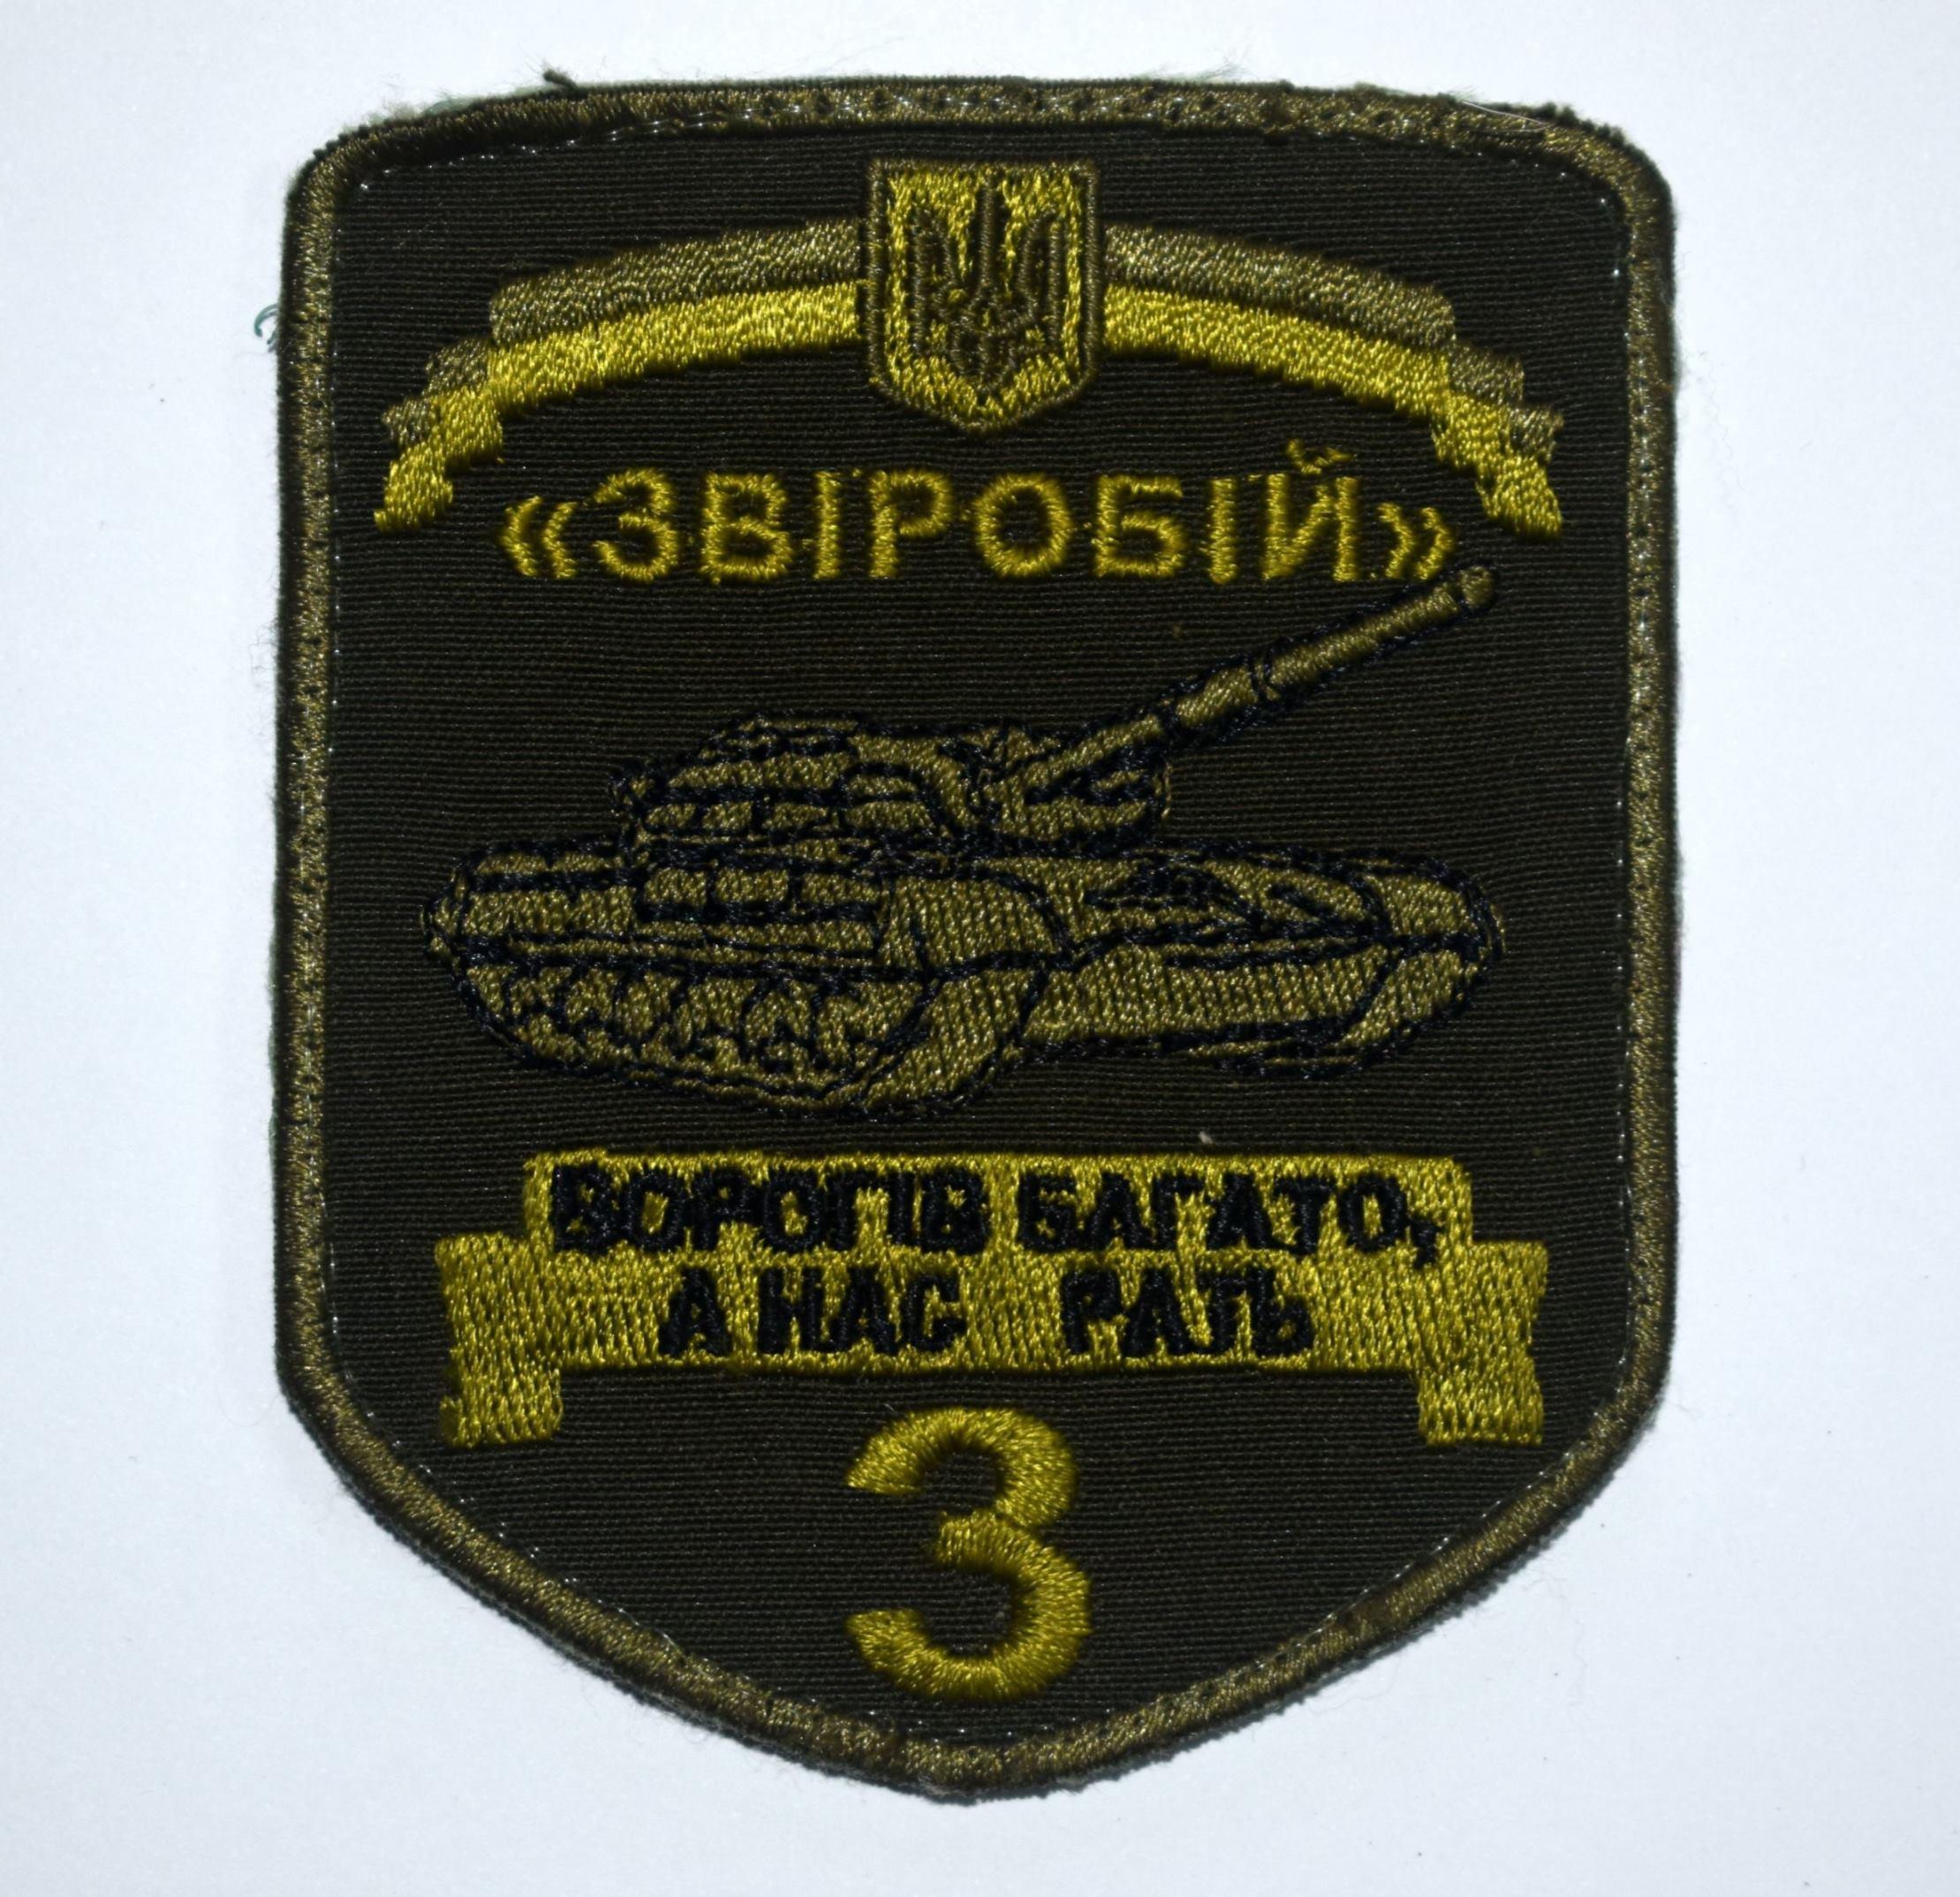 """Тканини. Шеврон """"Звіробій"""" (3-й окремий танковий батальйон """"Звіробій"""")"""